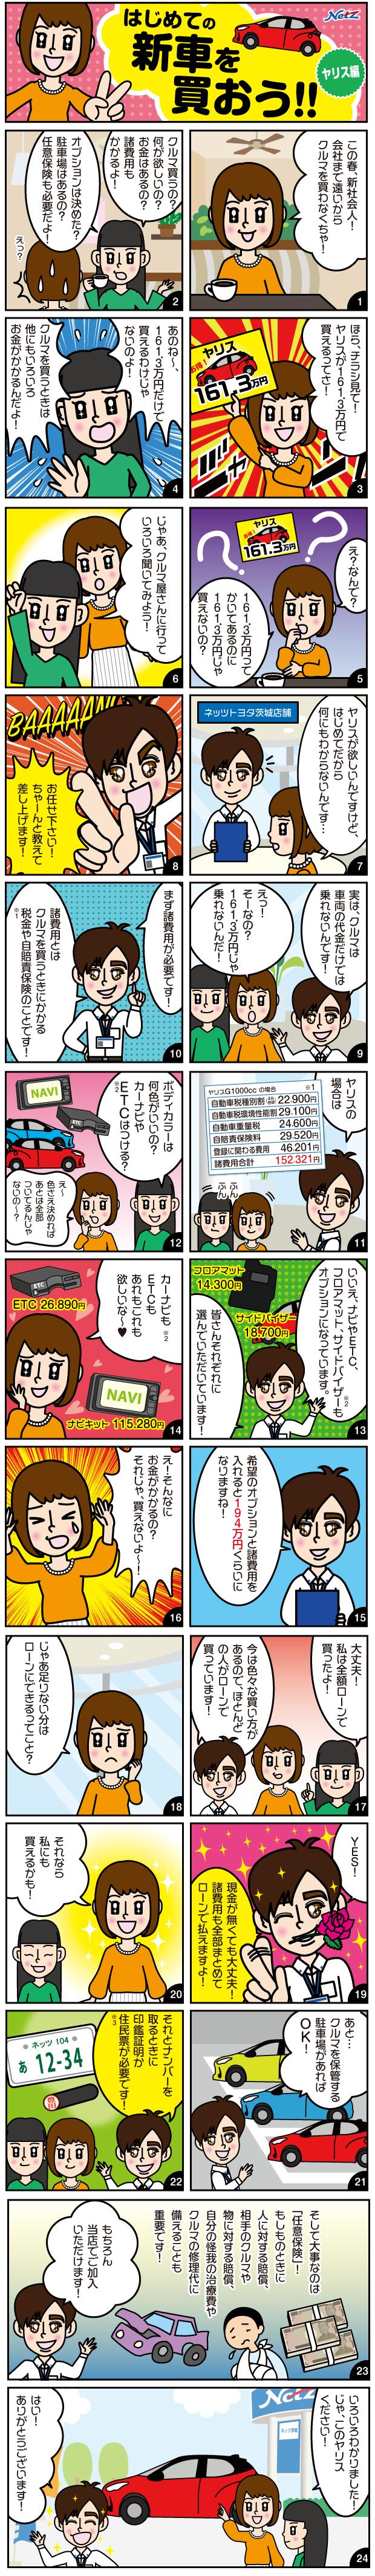 はじめての新車を買おう!!